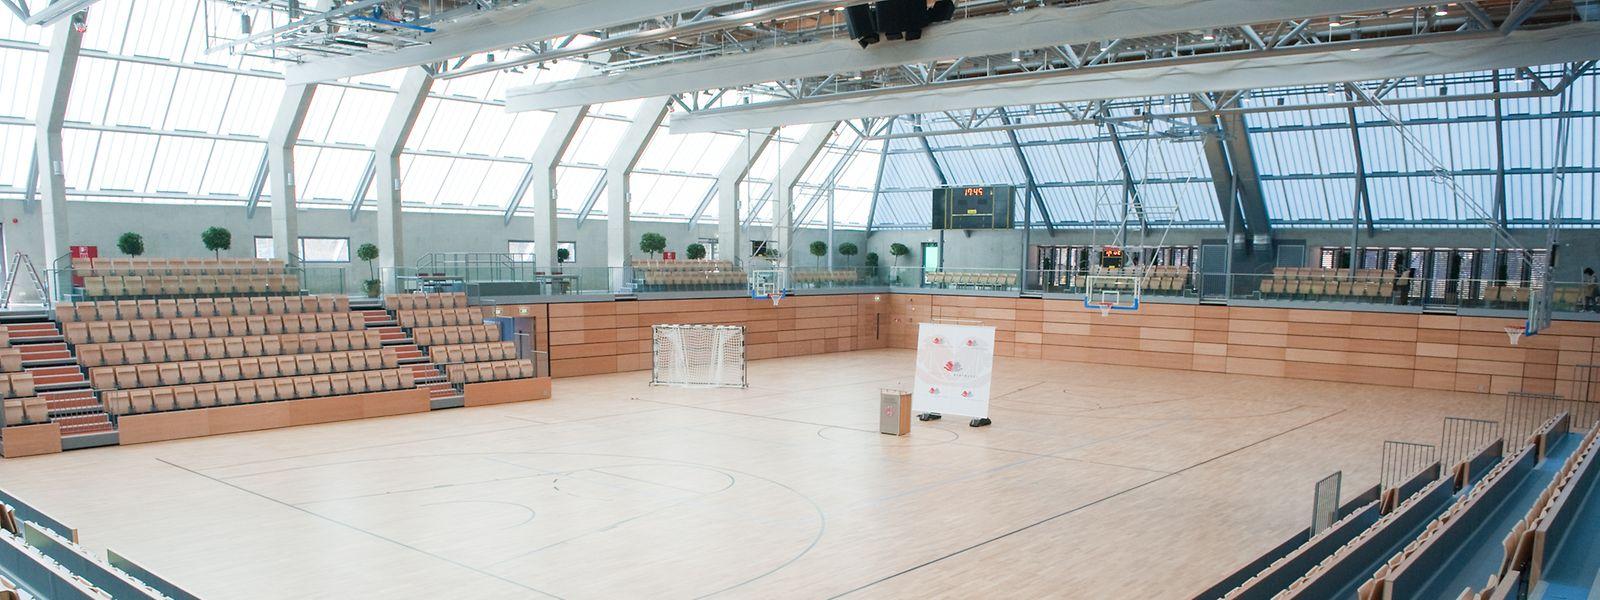 Im Centre Atert dürfen die Nachwuchstalente wieder Basketball spielen.